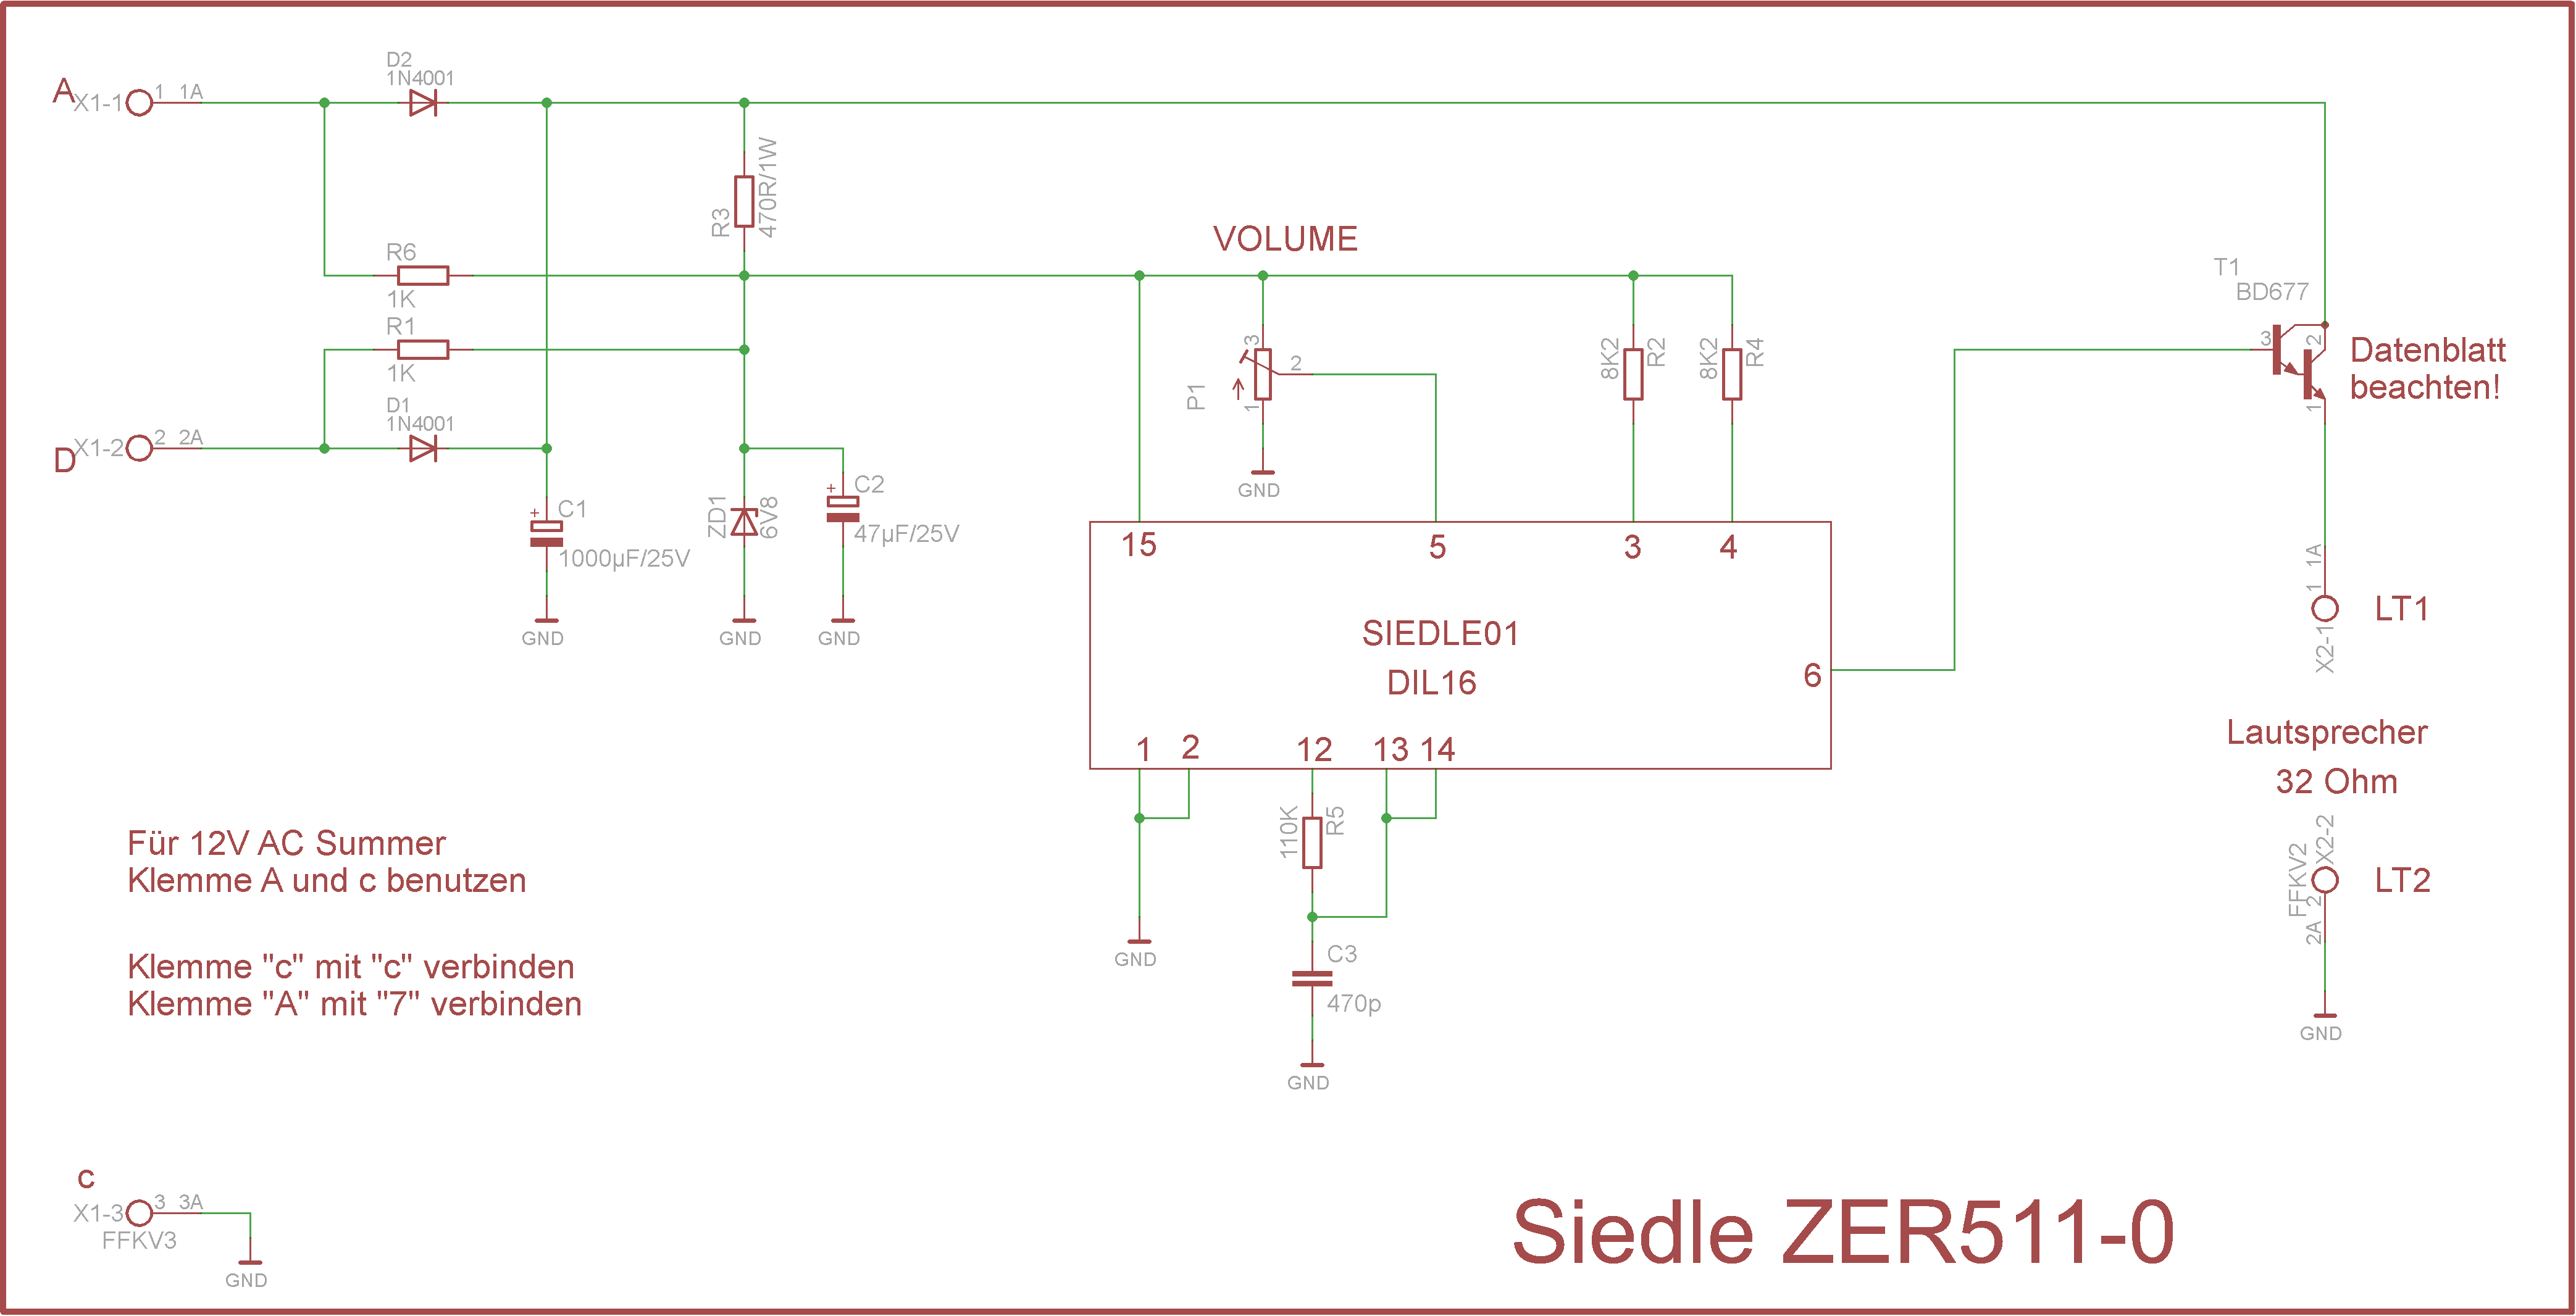 siedle schaltplan zer511 0. Black Bedroom Furniture Sets. Home Design Ideas